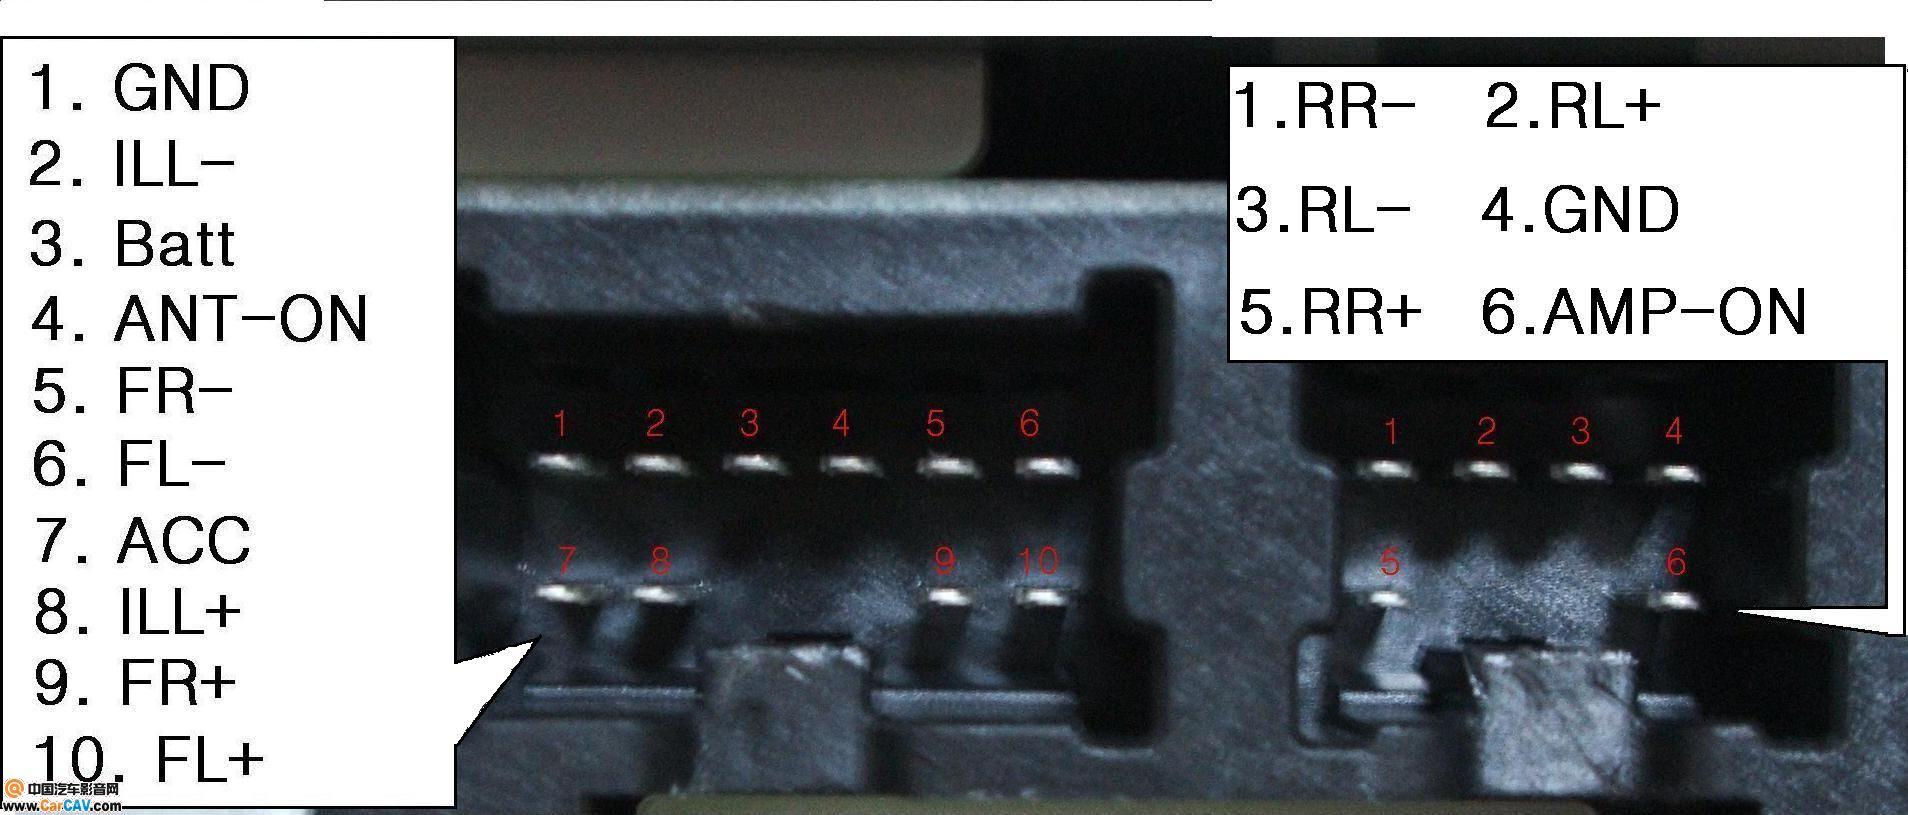 原创 日产风度原装机Bose接口定义 低电平输出 音响维修 汽车影音网高清图片